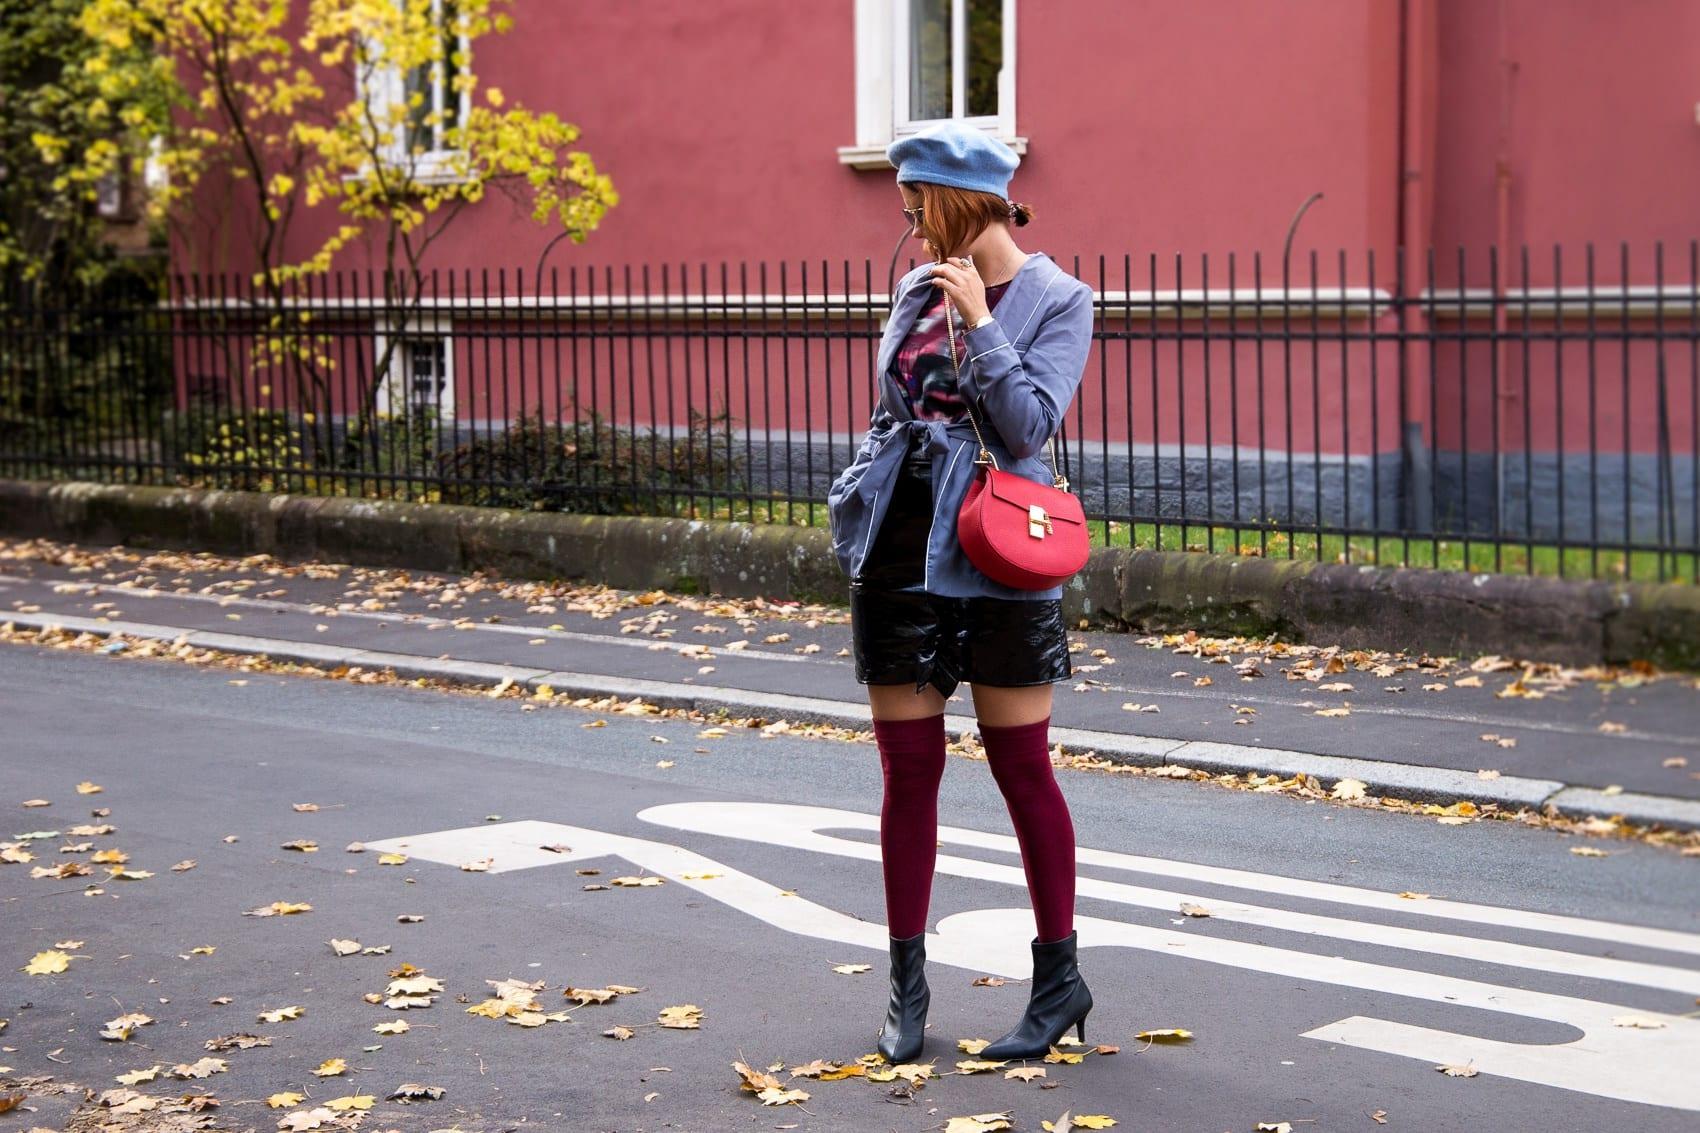 C'est la vie, chérie: Parisienne Look mit Fashionette & Chloé Drew Bag in Rot